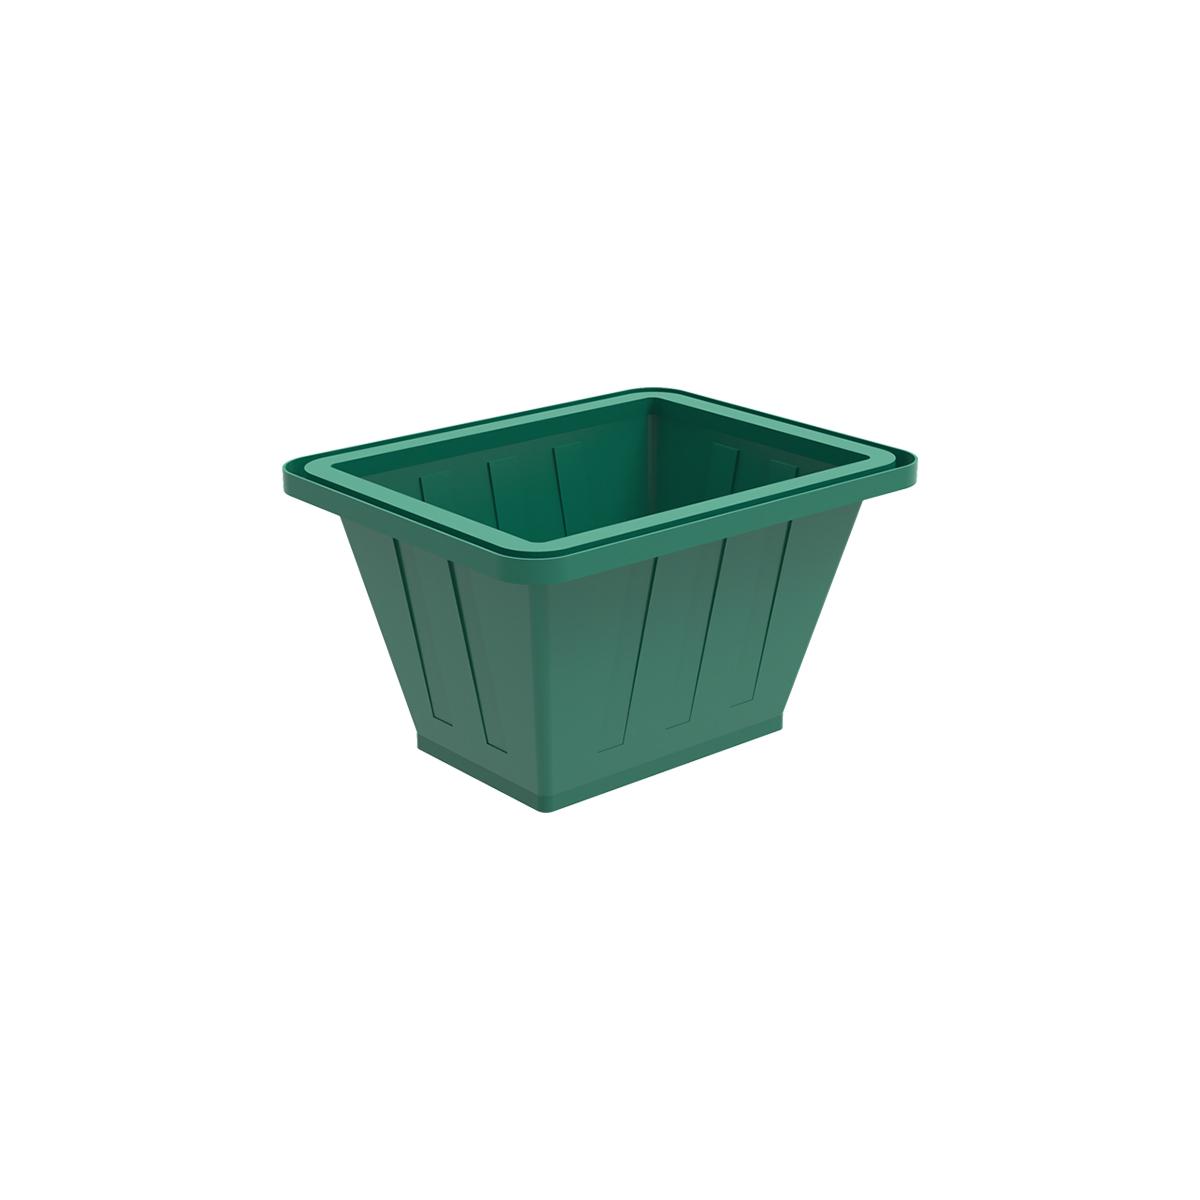 Пластиковая ванна К 200 литров зеленая